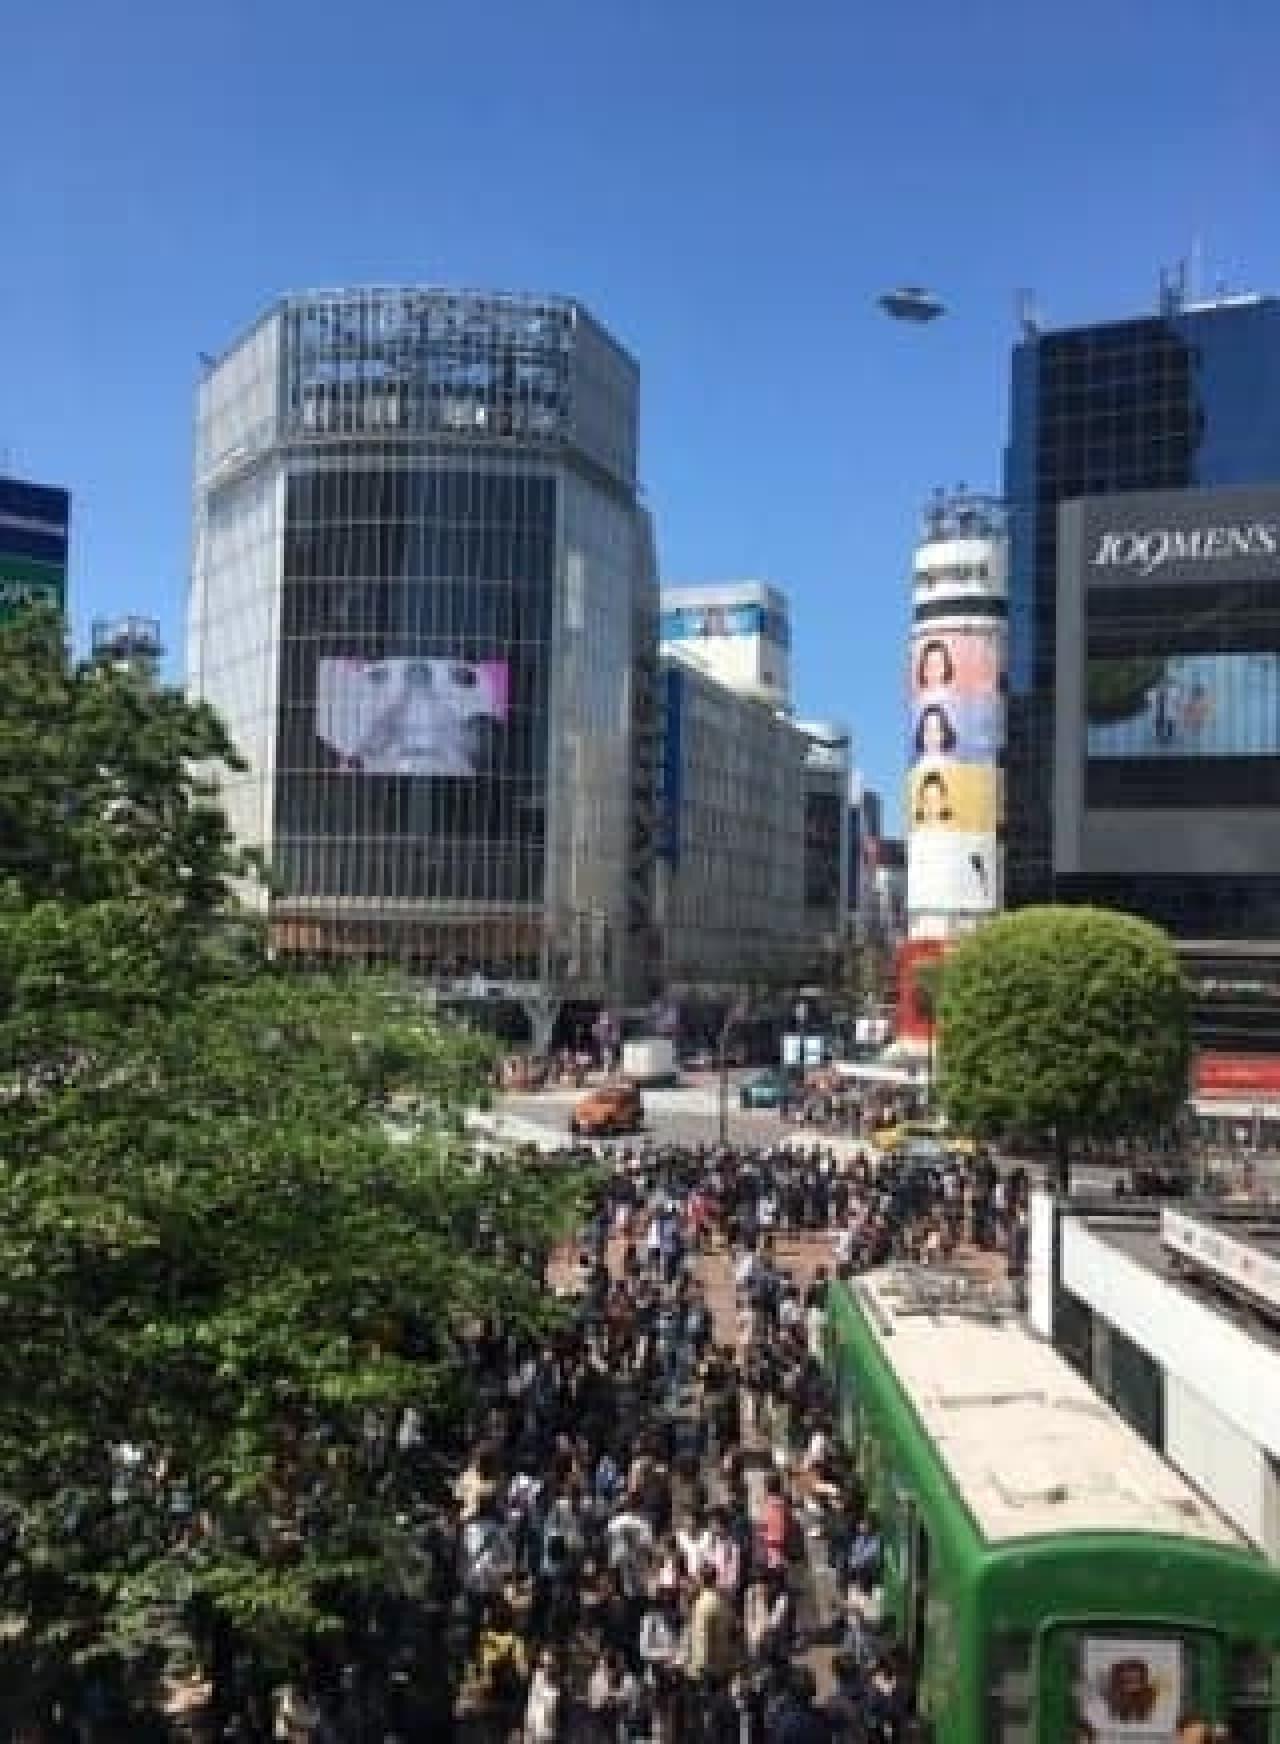 渋谷のスクランブル交差点にUFO!?